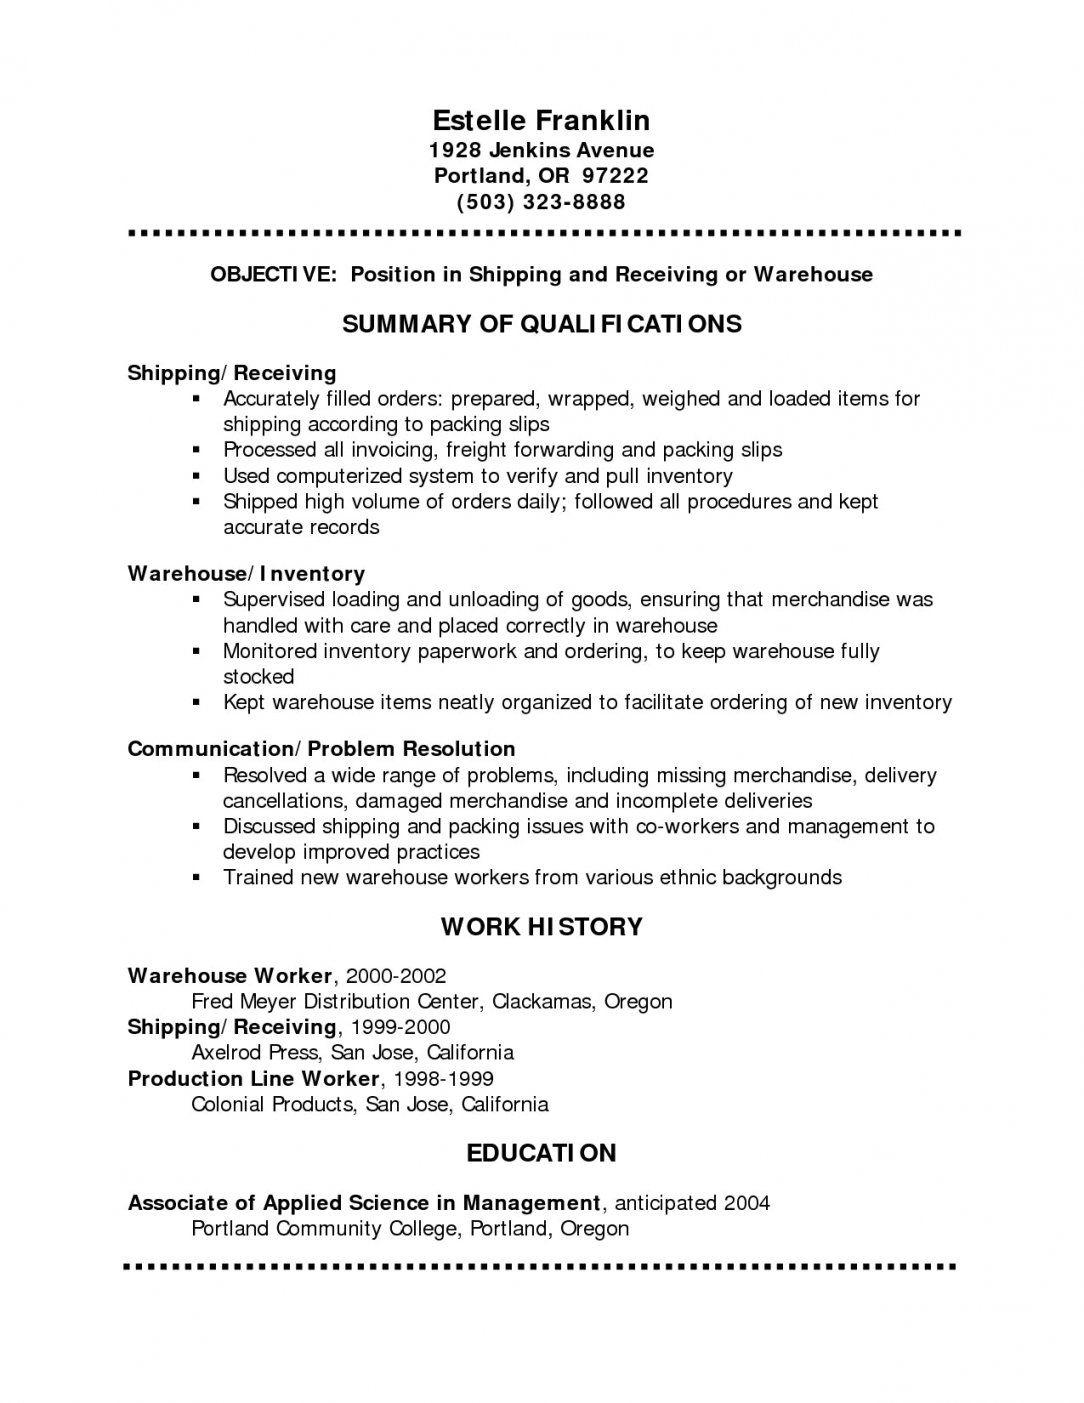 Free Resume Templates Reddit Cover letter for resume